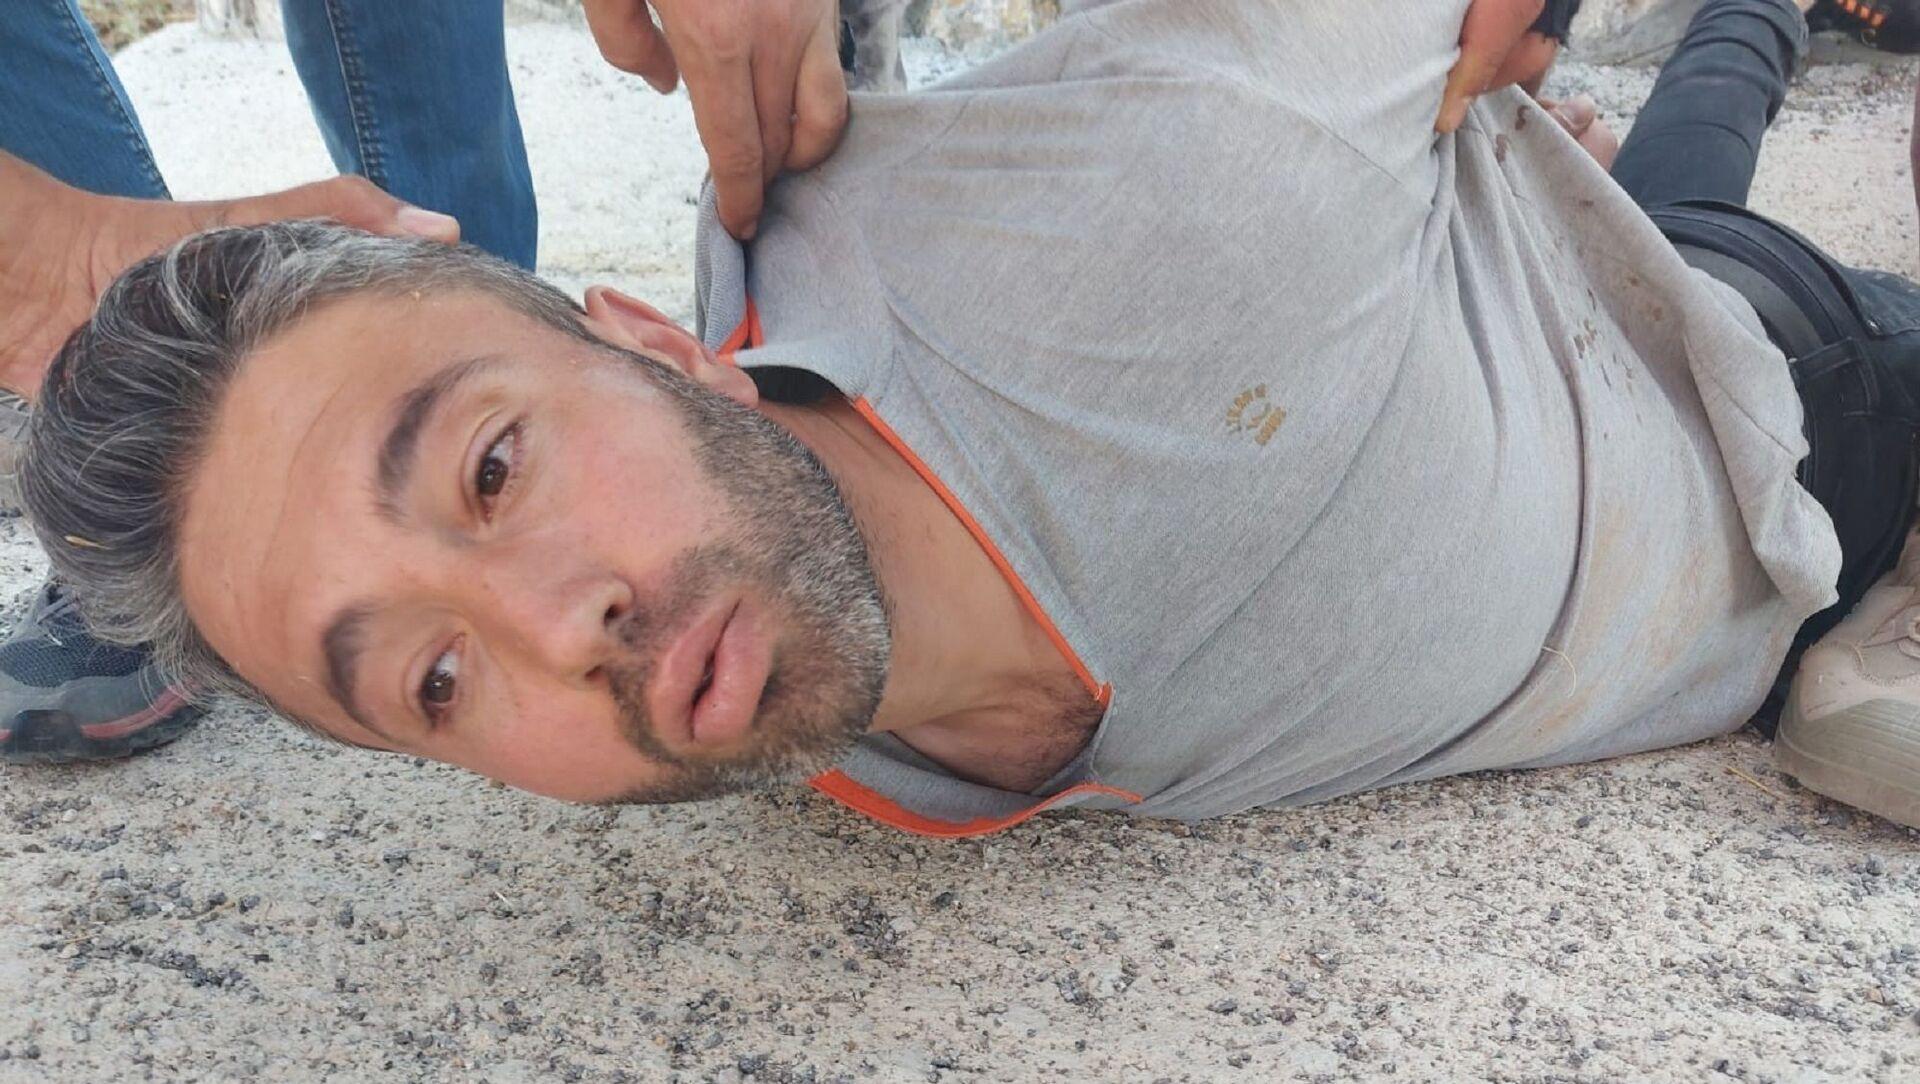 Konya'nın Meram ilçesinde30 Temmuz'daaynı aileden 7 kişinin hayatını kaybettiğiolayla ilgili aranan 33 yaşındakiMehmet Altun - Sputnik Türkiye, 1920, 05.08.2021